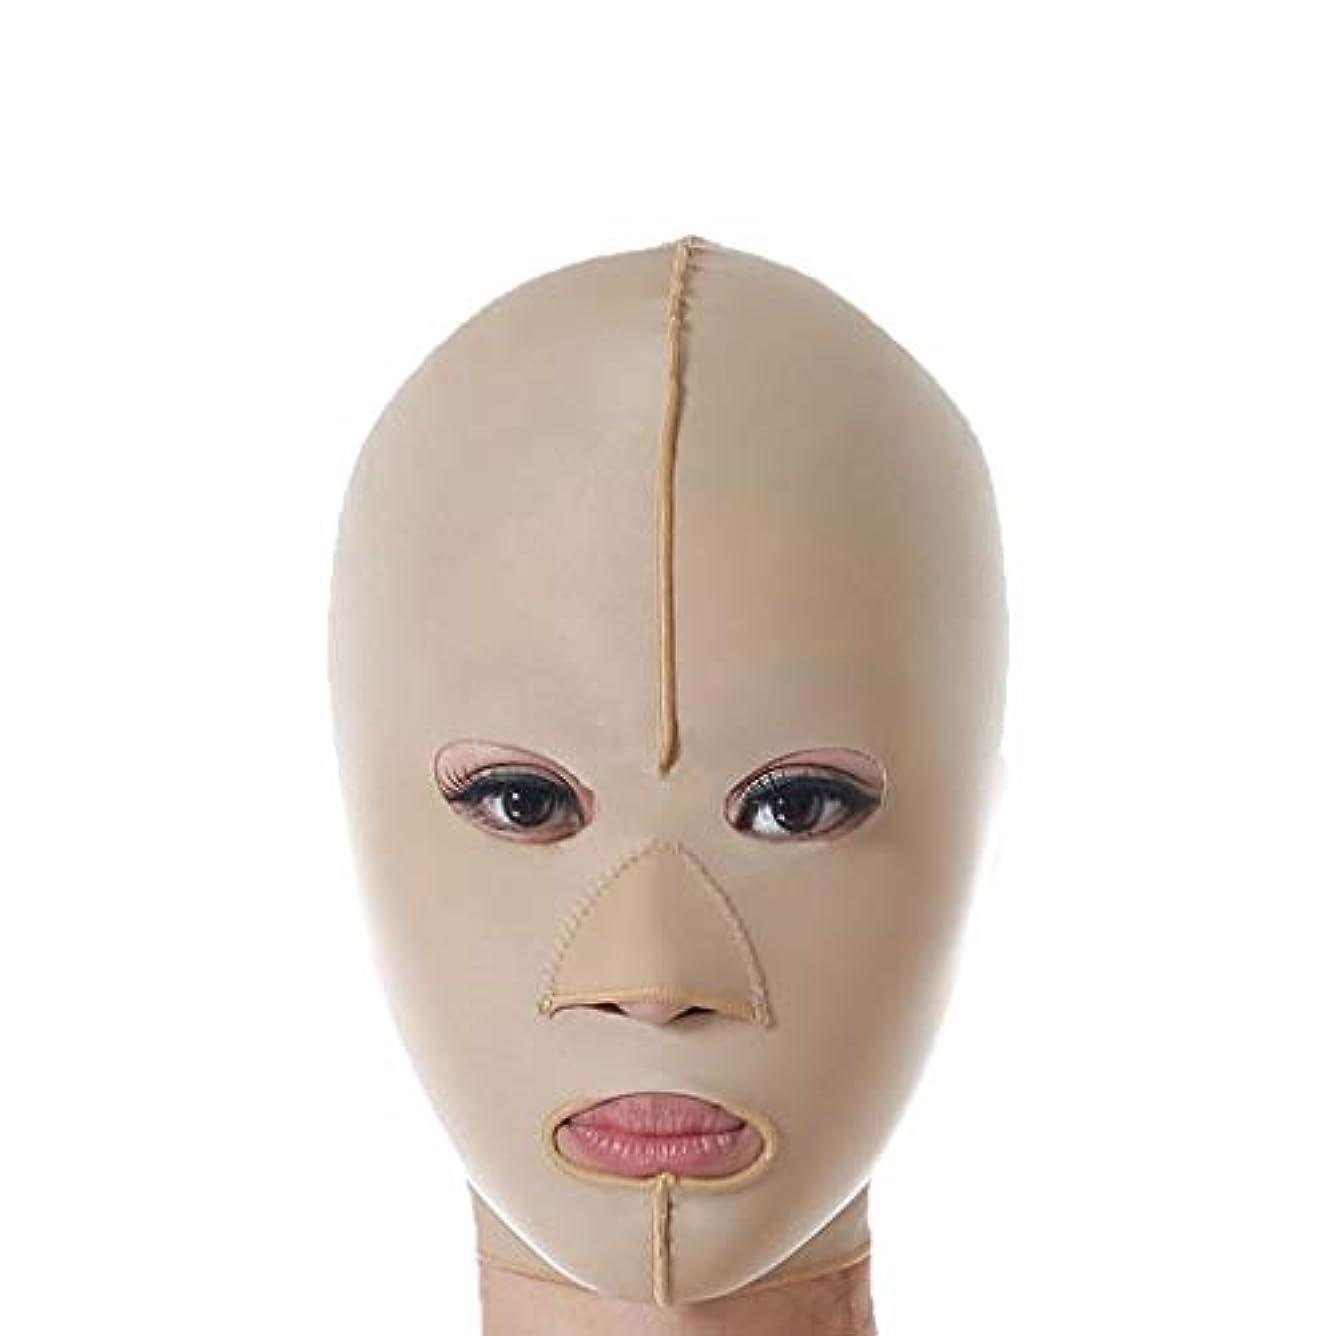 木時代ナインへLYZY 減量フェイスマスク、リフティング包帯、スリムフェイスリフトリフティングベルト、フェイシャル減量リフティング包帯 (Size : M)